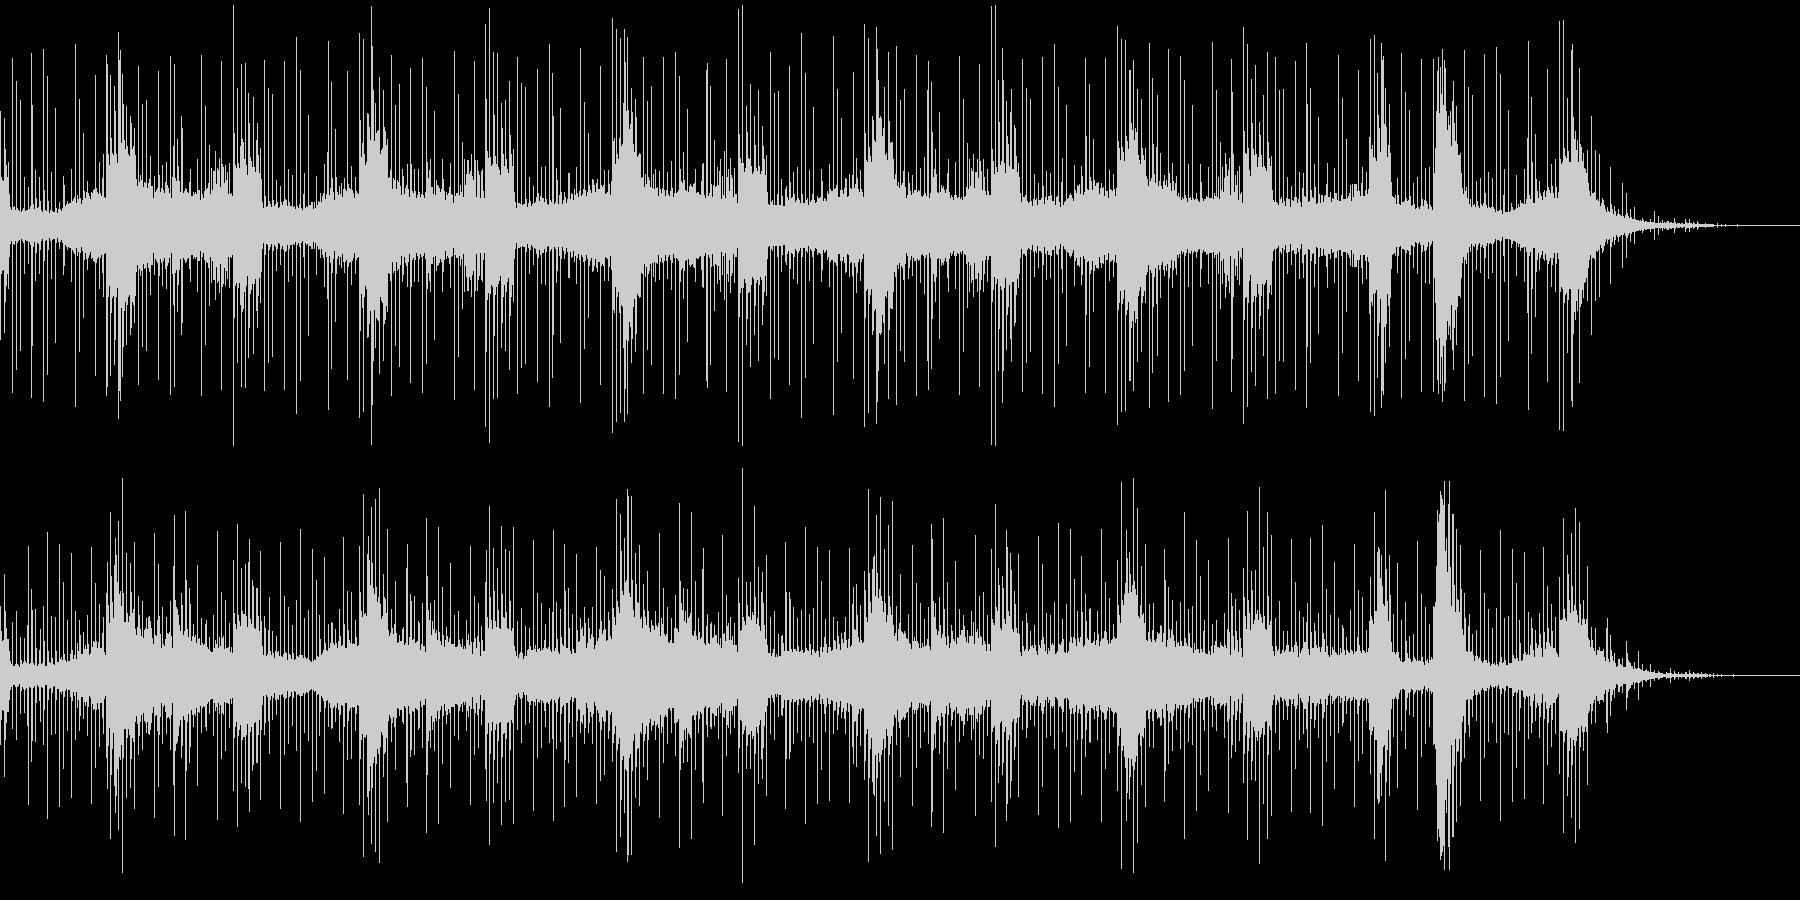 敵地にこっそり侵入するイメージの曲の未再生の波形